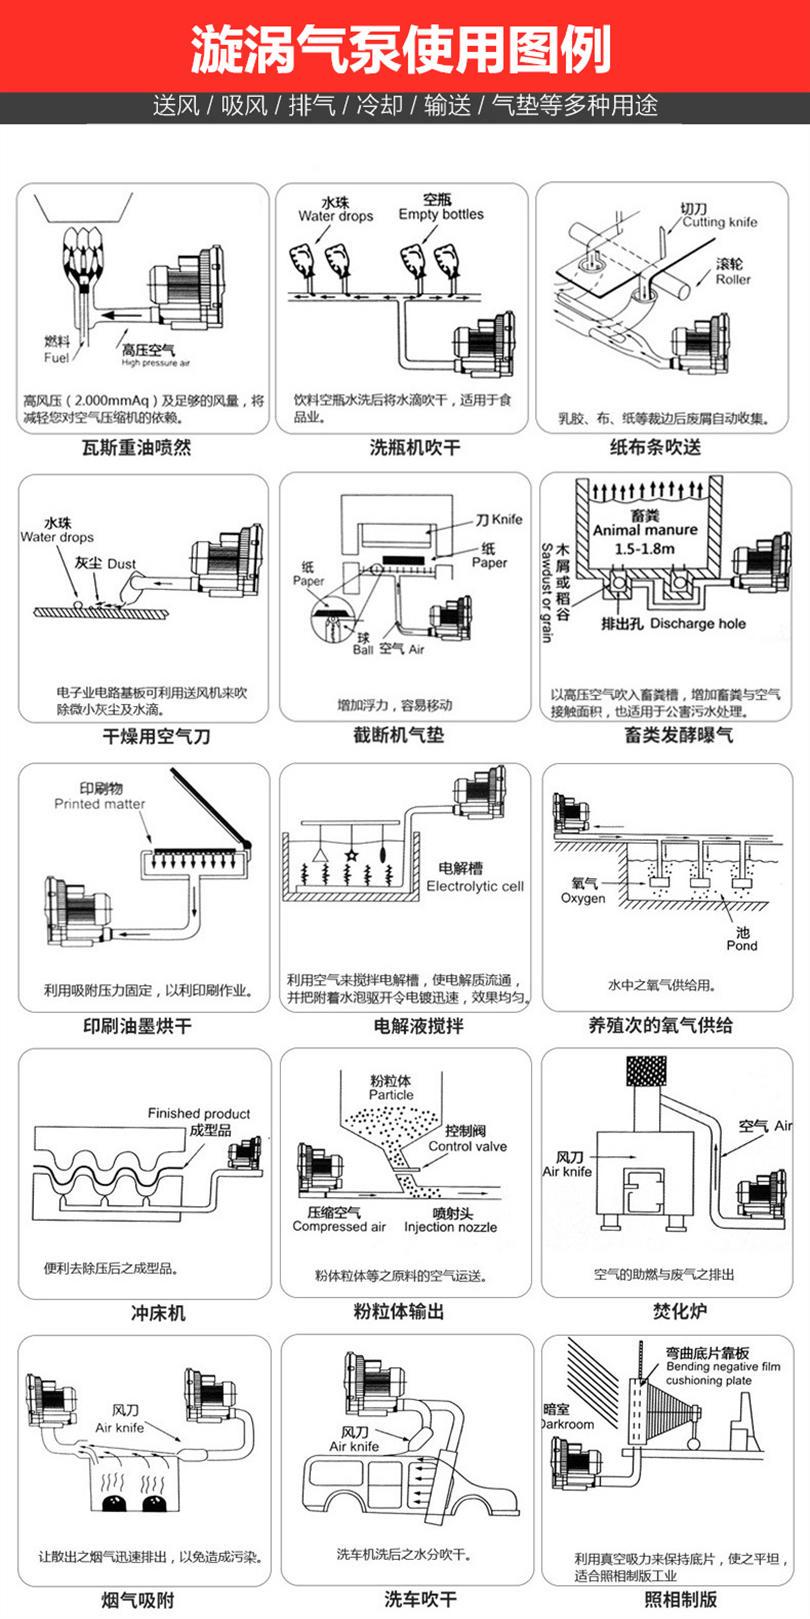 抽吸料<strong>漩涡高压风机</strong> 高压鼓风机增氧机漩涡气泵 温州高压鼓风机示例图6